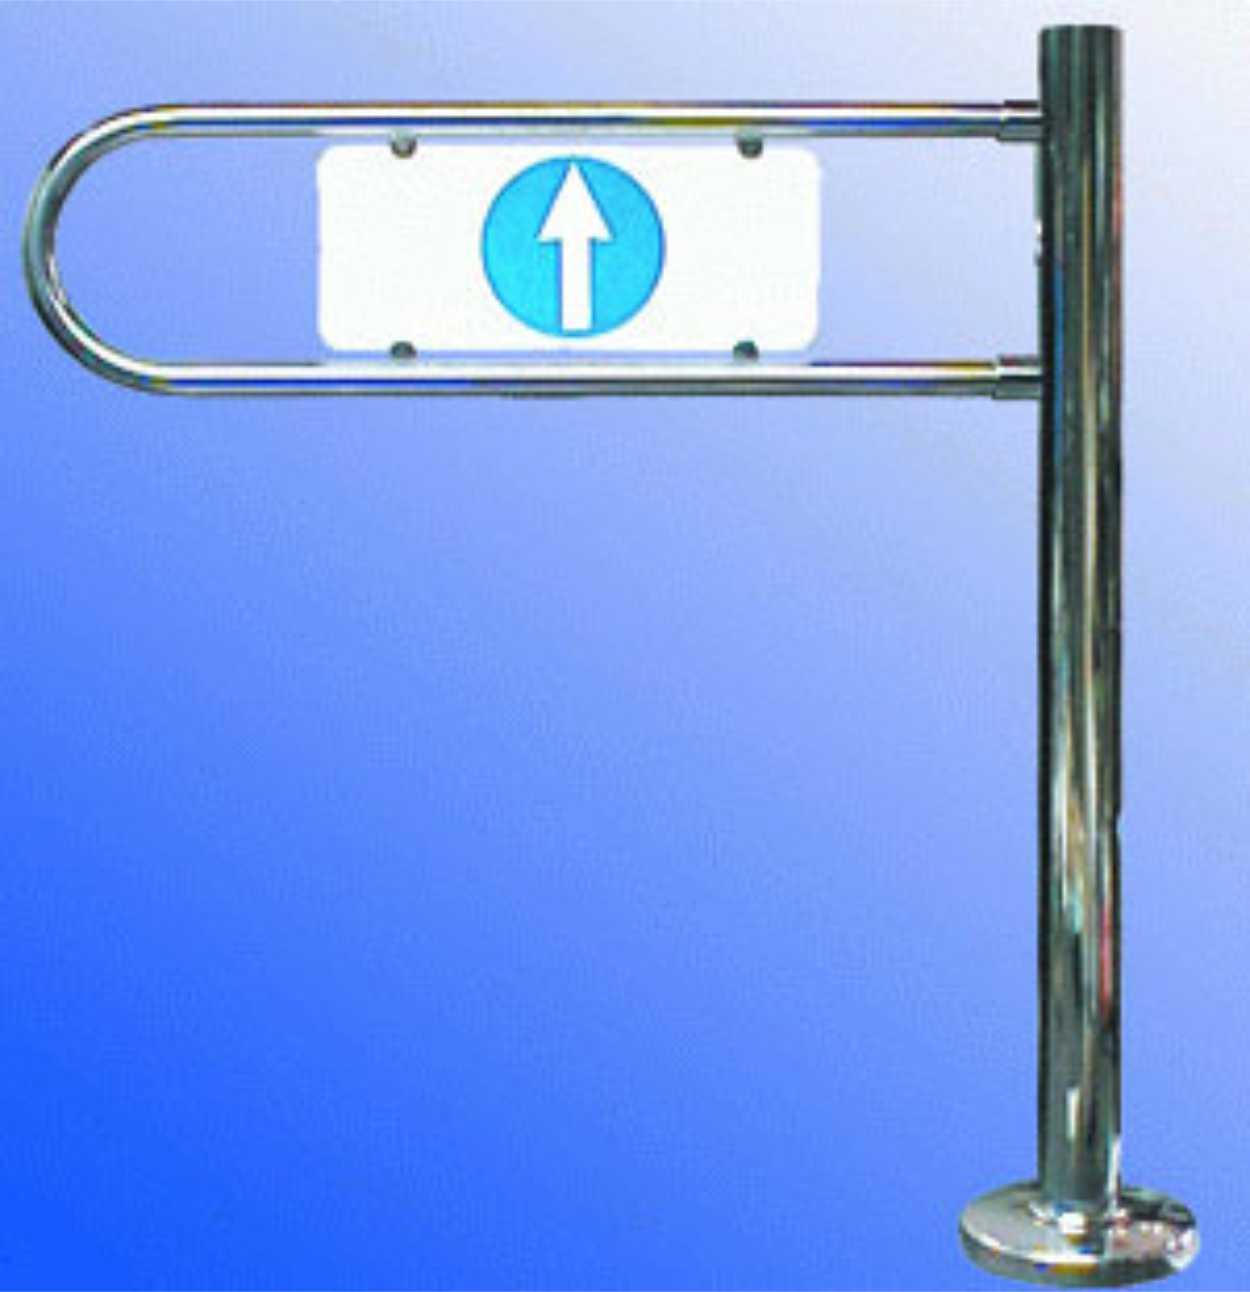 Калитка флажок ворота для дачи со встроенной калиткой цена